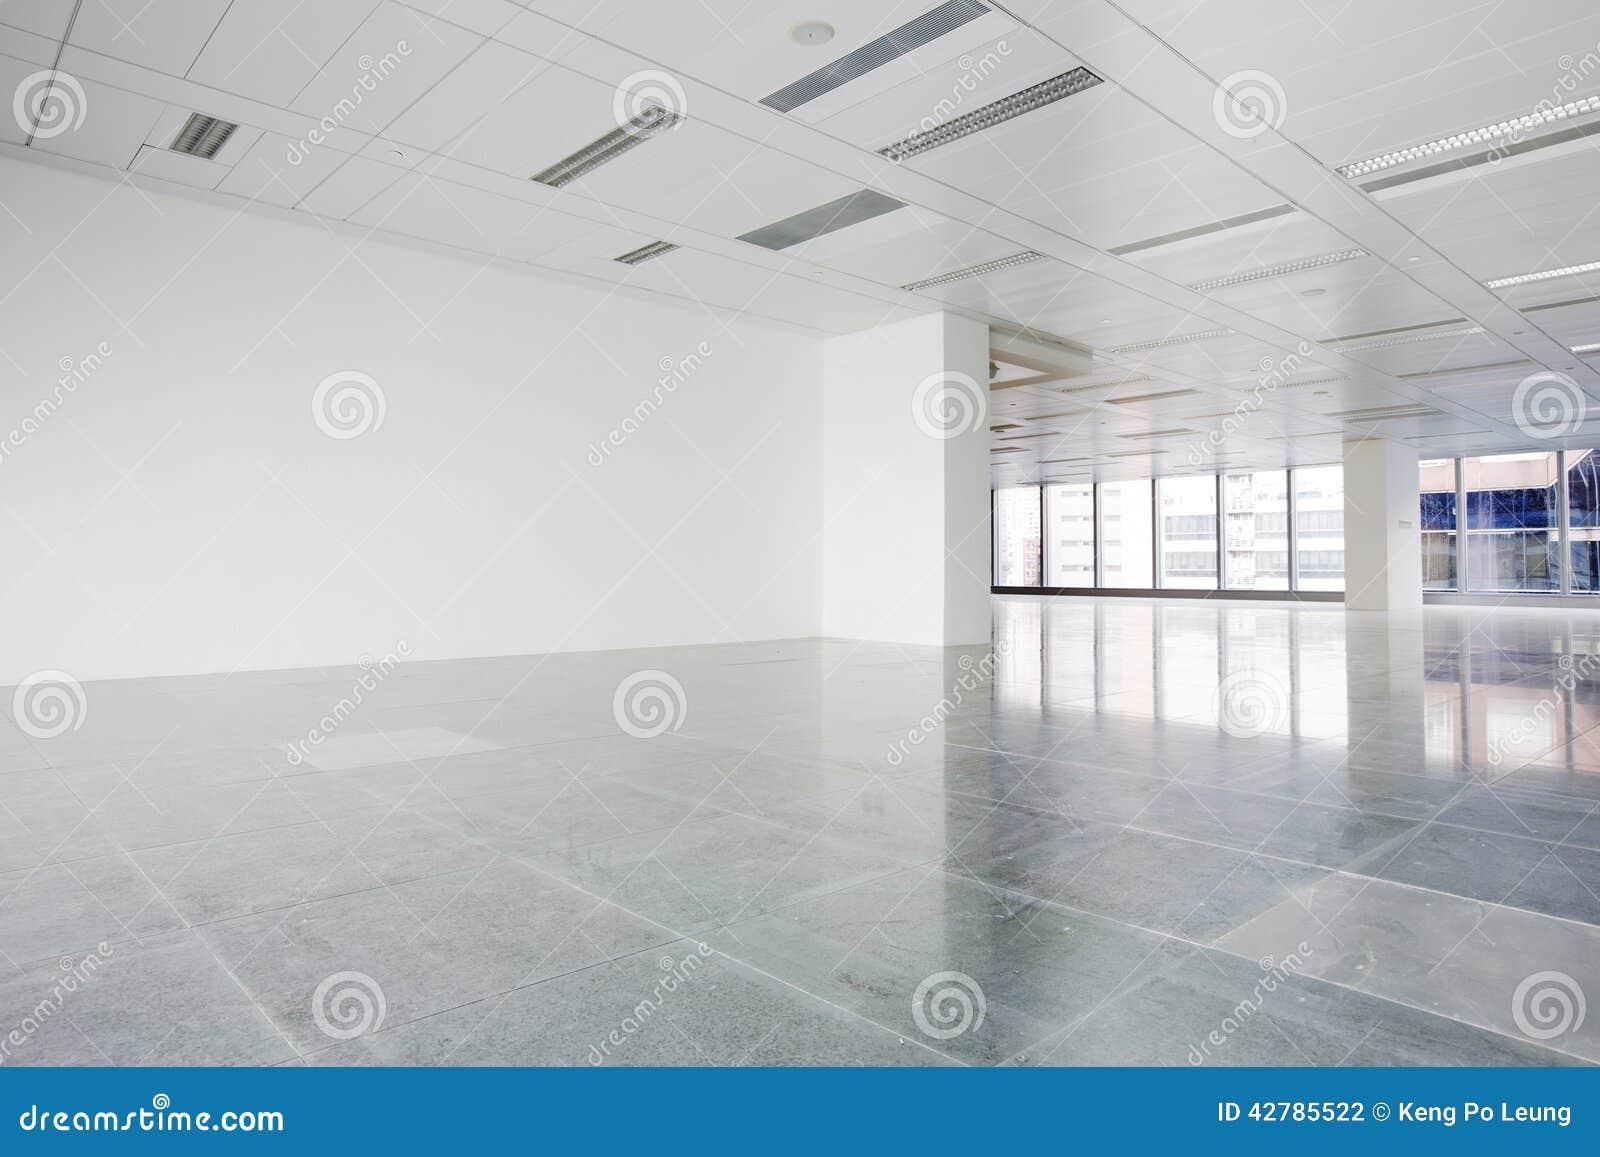 bright office interior bright office